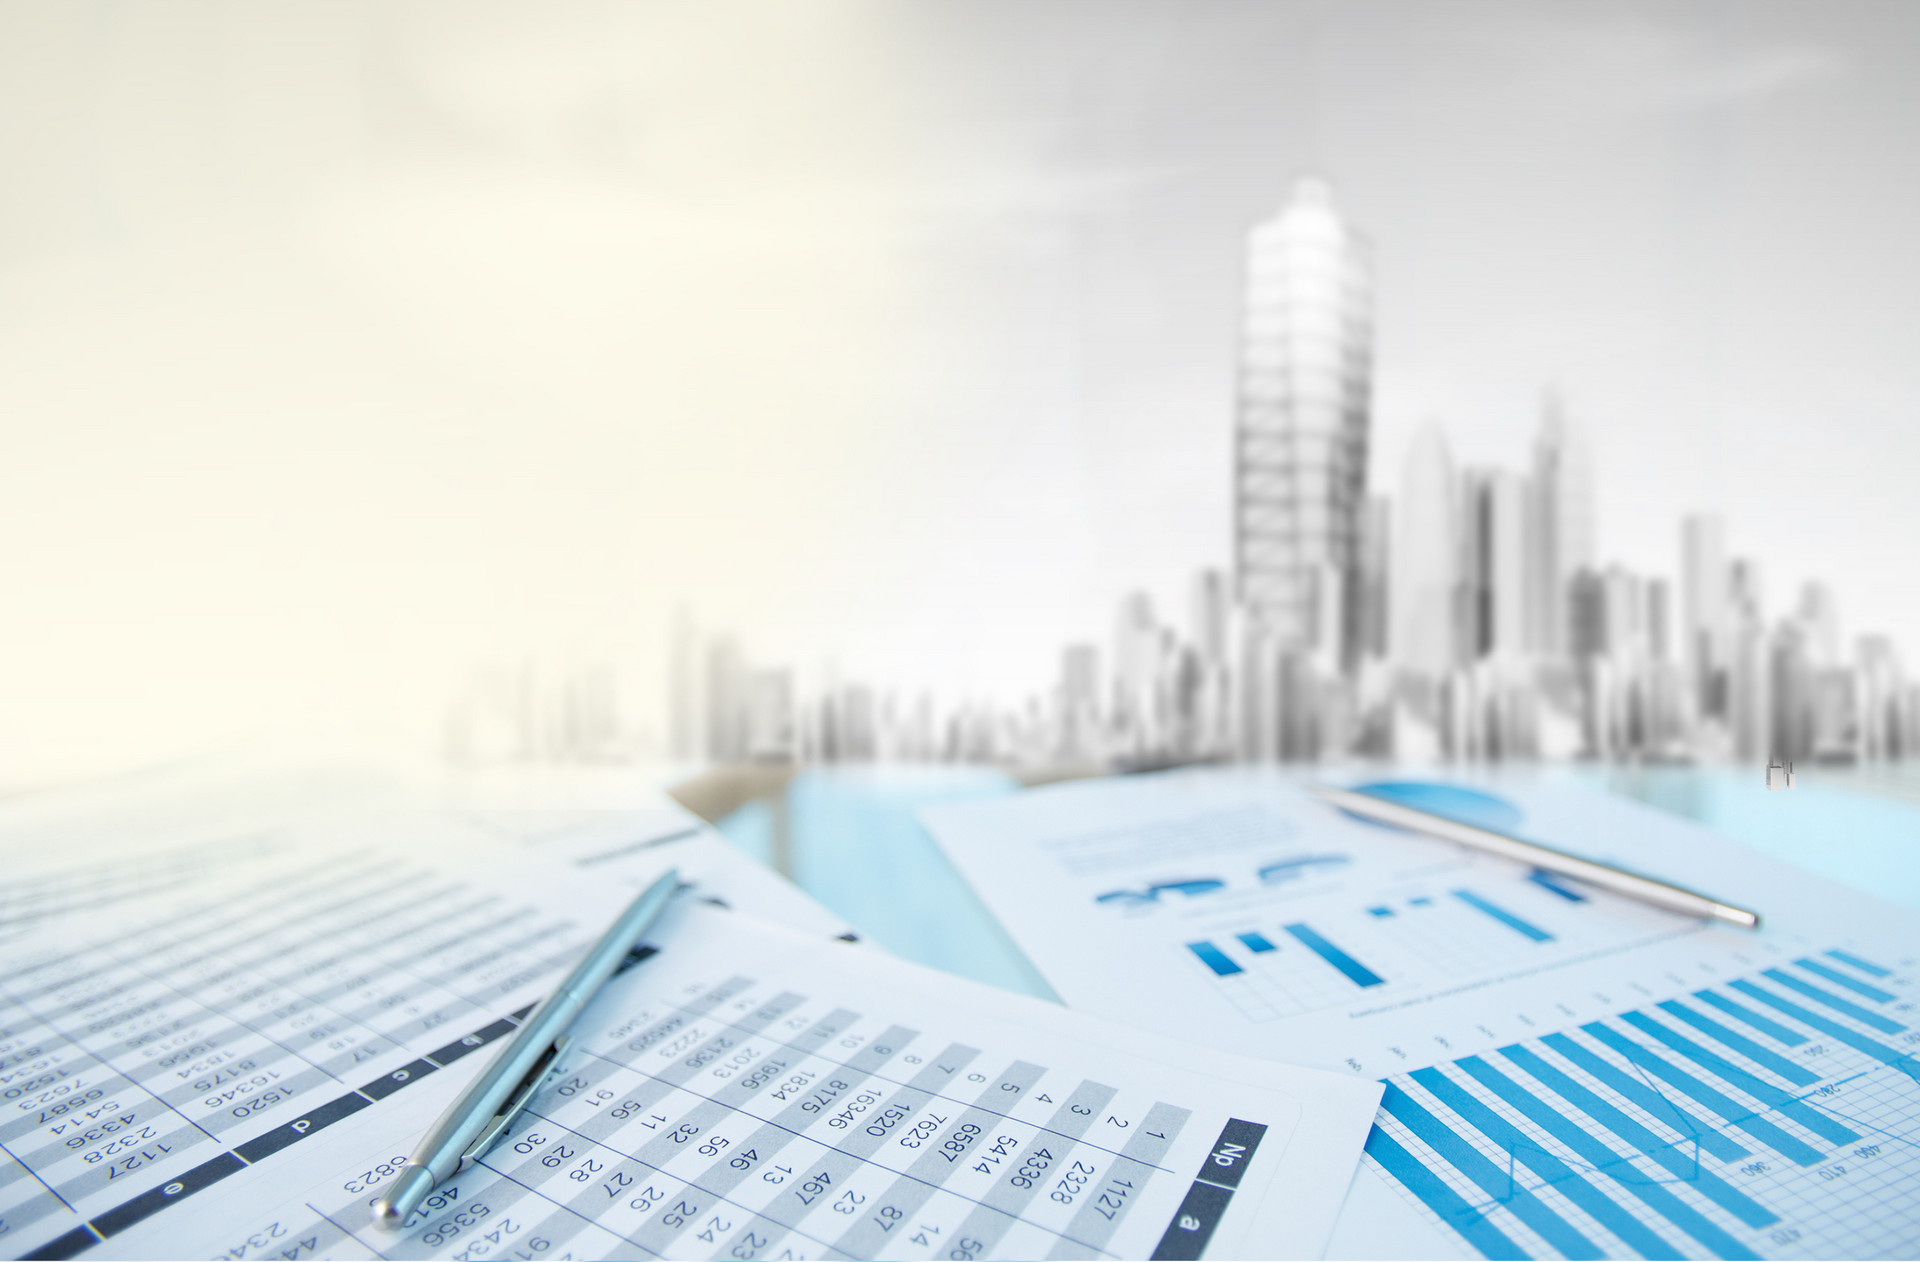 进一步完善新股发行定价机制 维护良好发行秩序